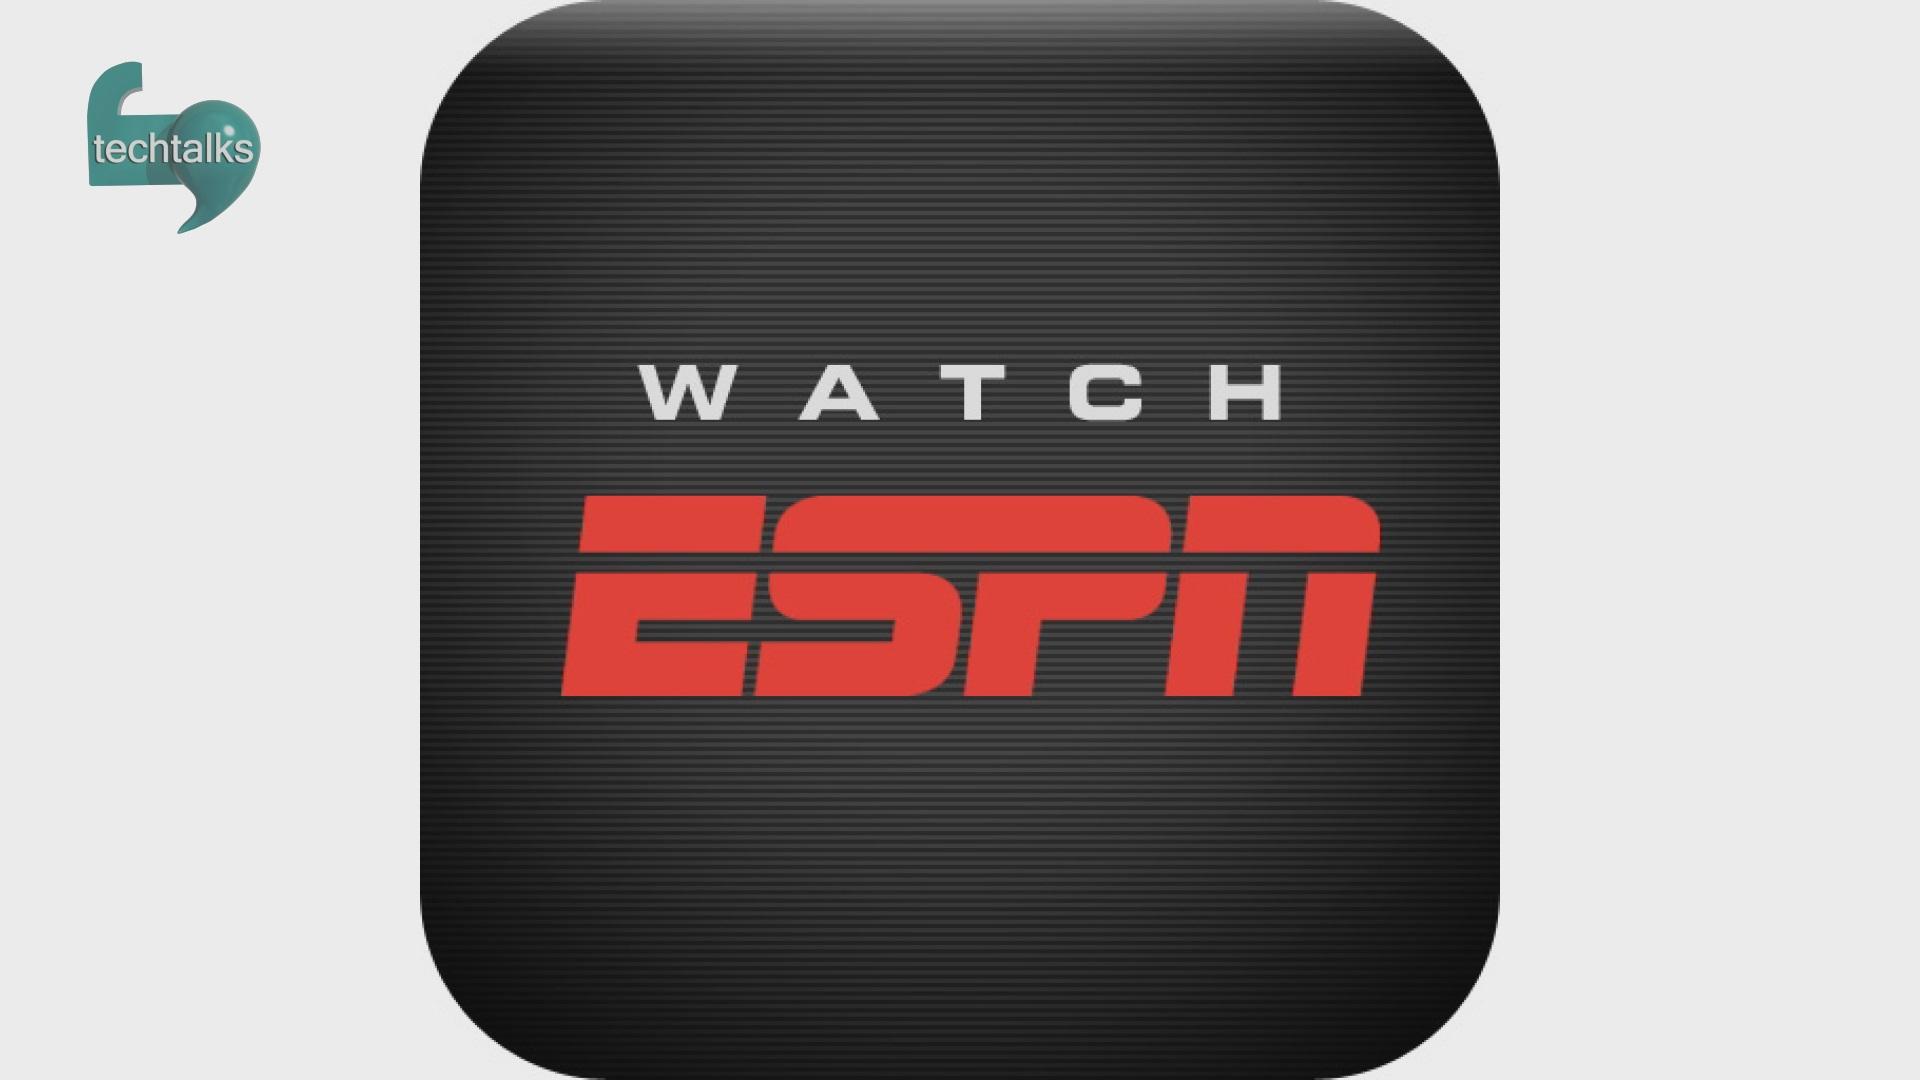 اپلیکیشن  ایاس پیان ESPN برای آنهایی که به دنبال اخبار ورزشی هستند  – تک تاکس – اولین رسانه تصویری فناوری اطلاعات و ارتباطات ایران